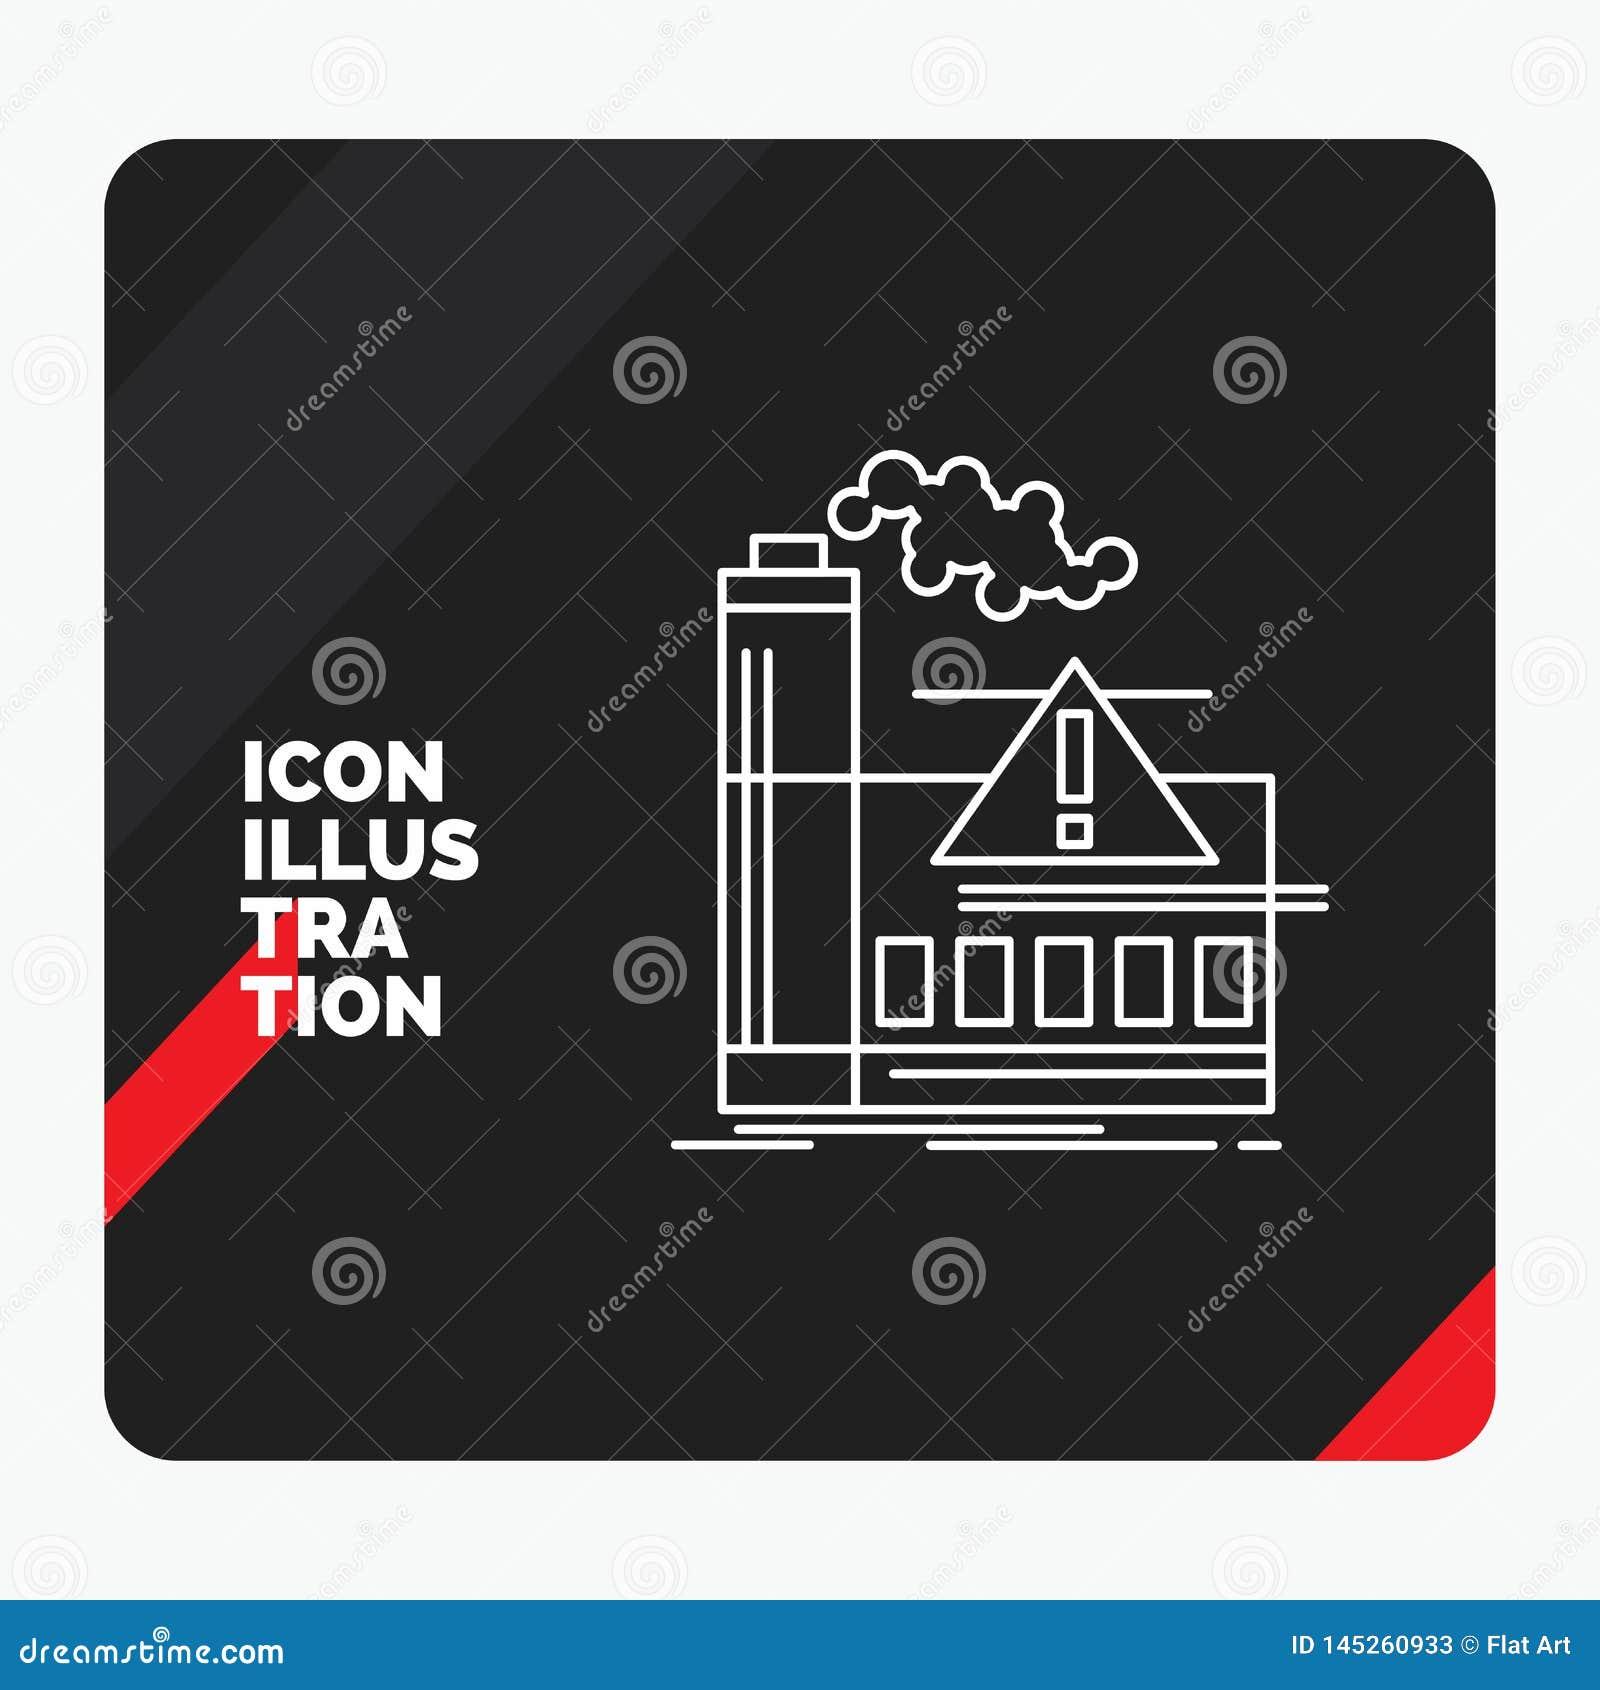 Красная и черная творческая предпосылка для загрязнения, фабрика представления, воздух, сигнал тревоги, линия значок индустрии